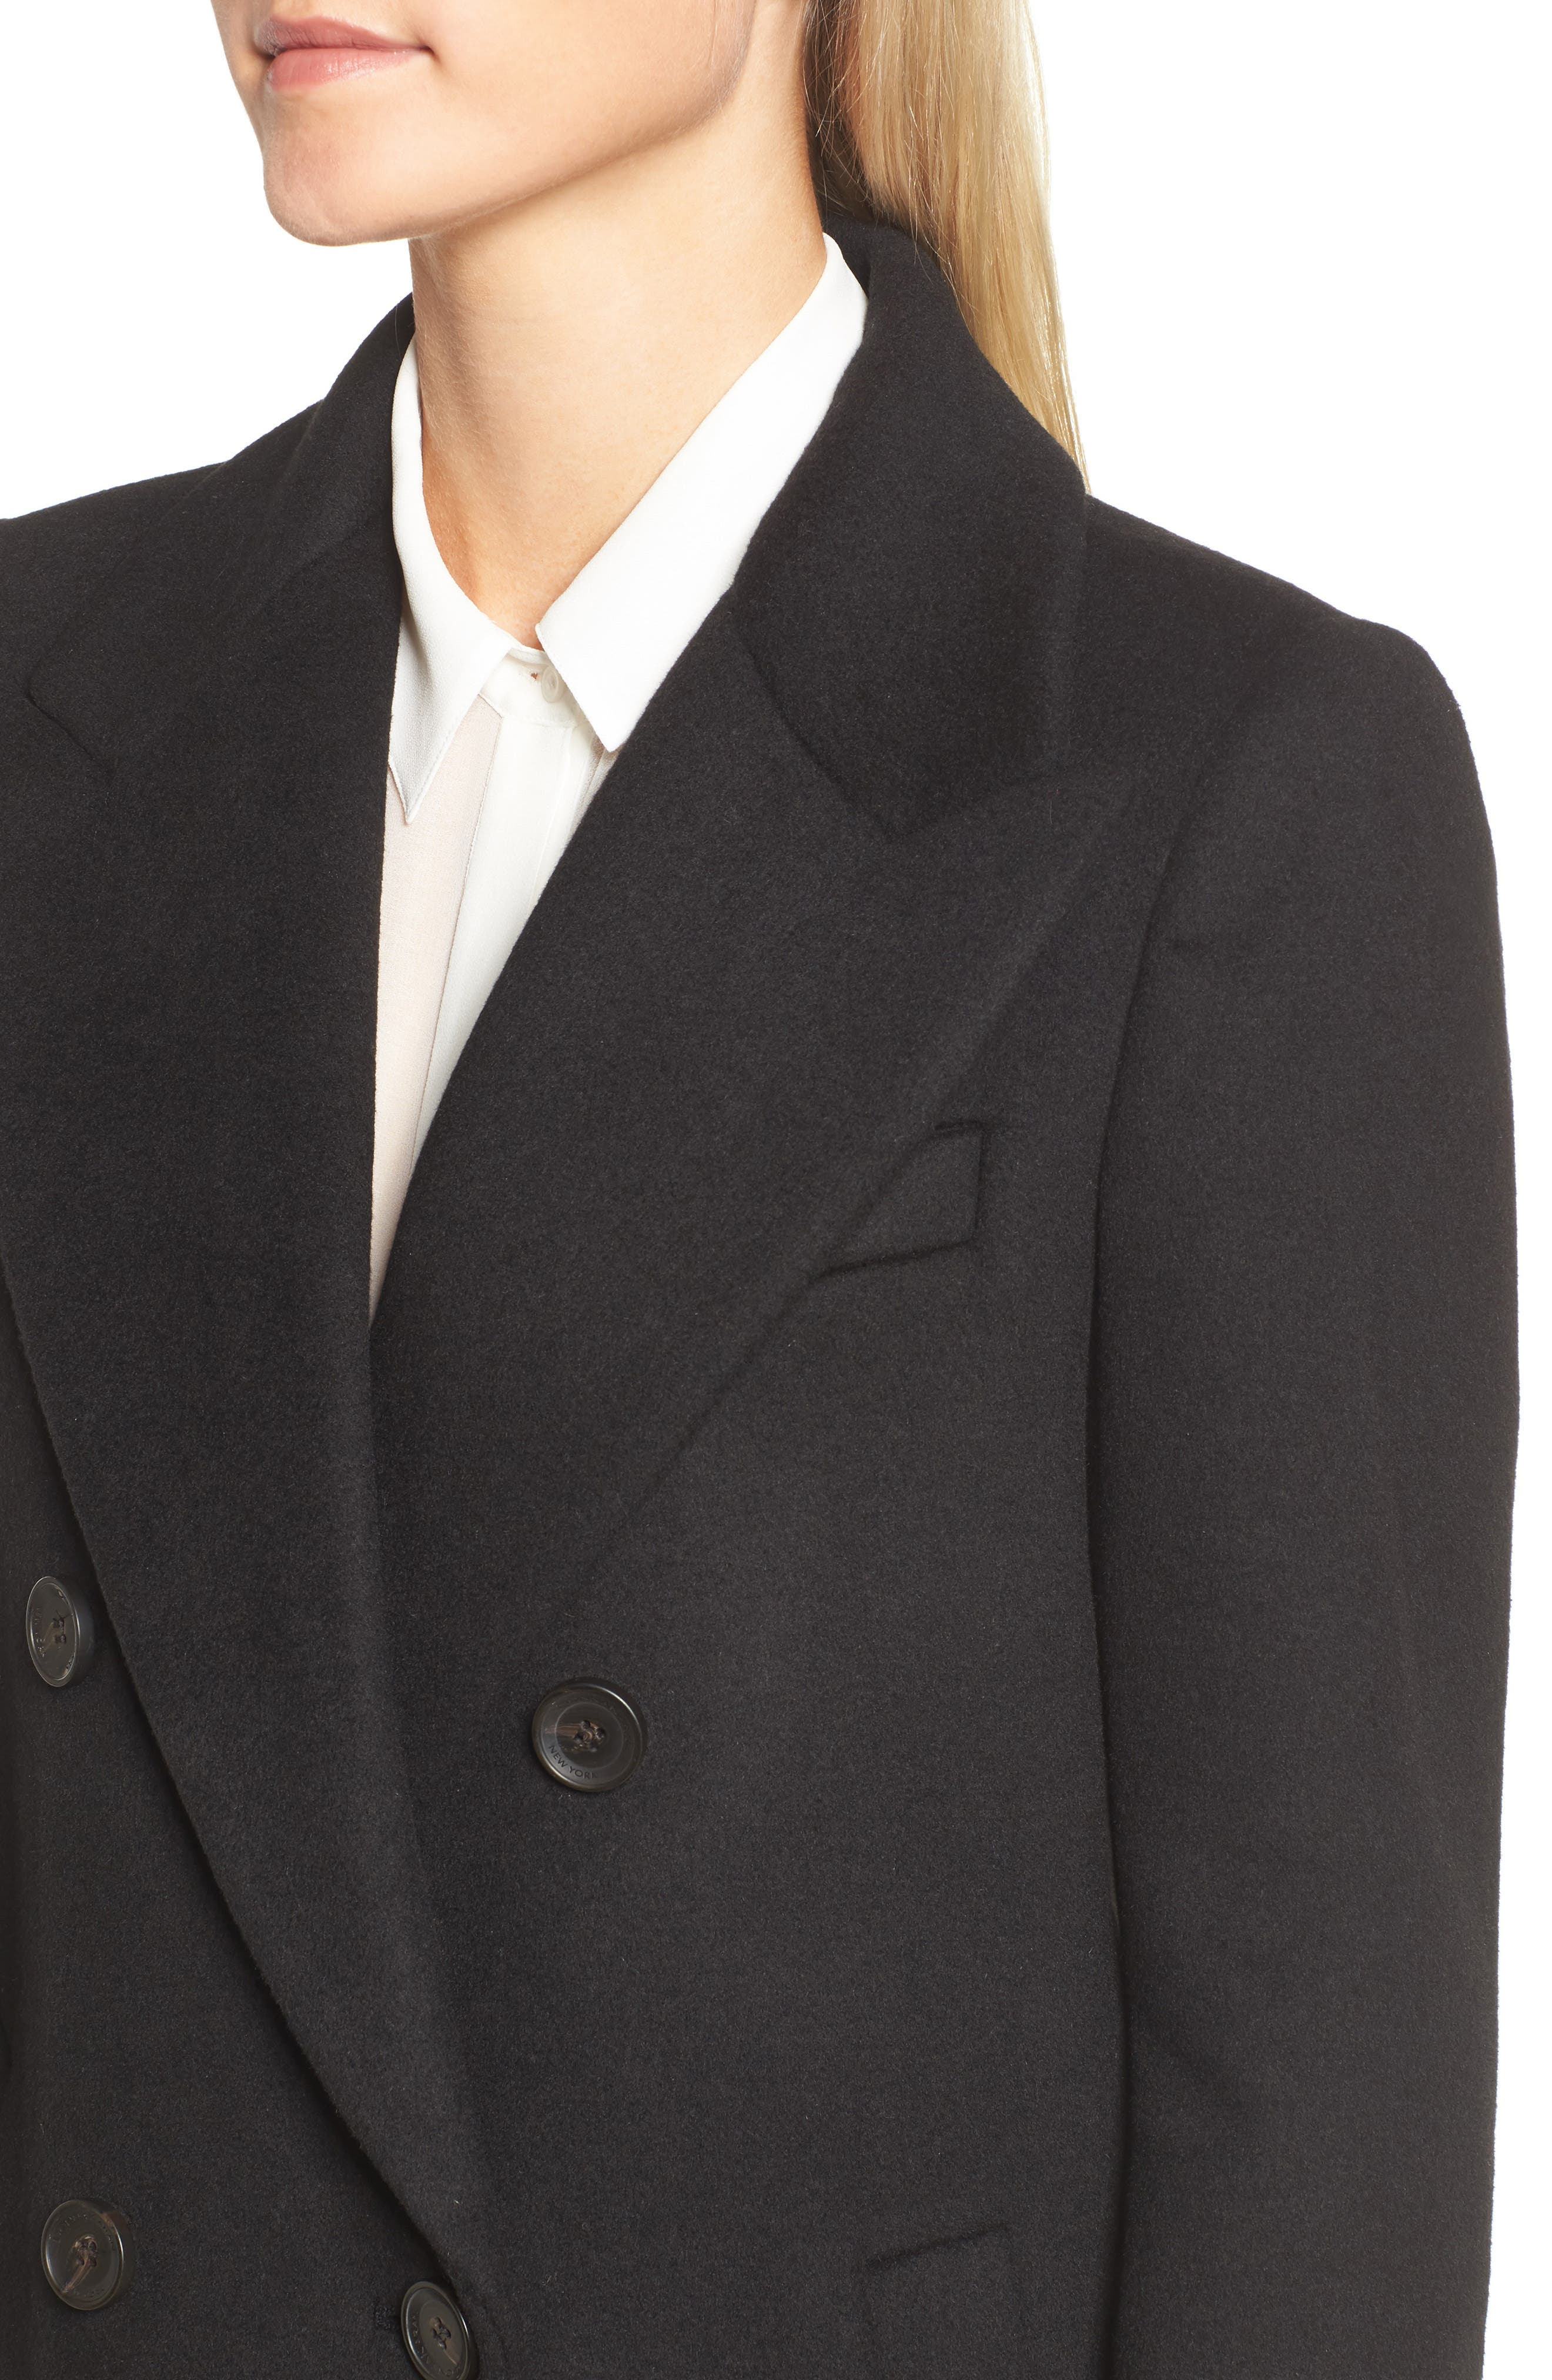 DKNY Lavish Wool Blend Coat,                             Alternate thumbnail 4, color,                             Black